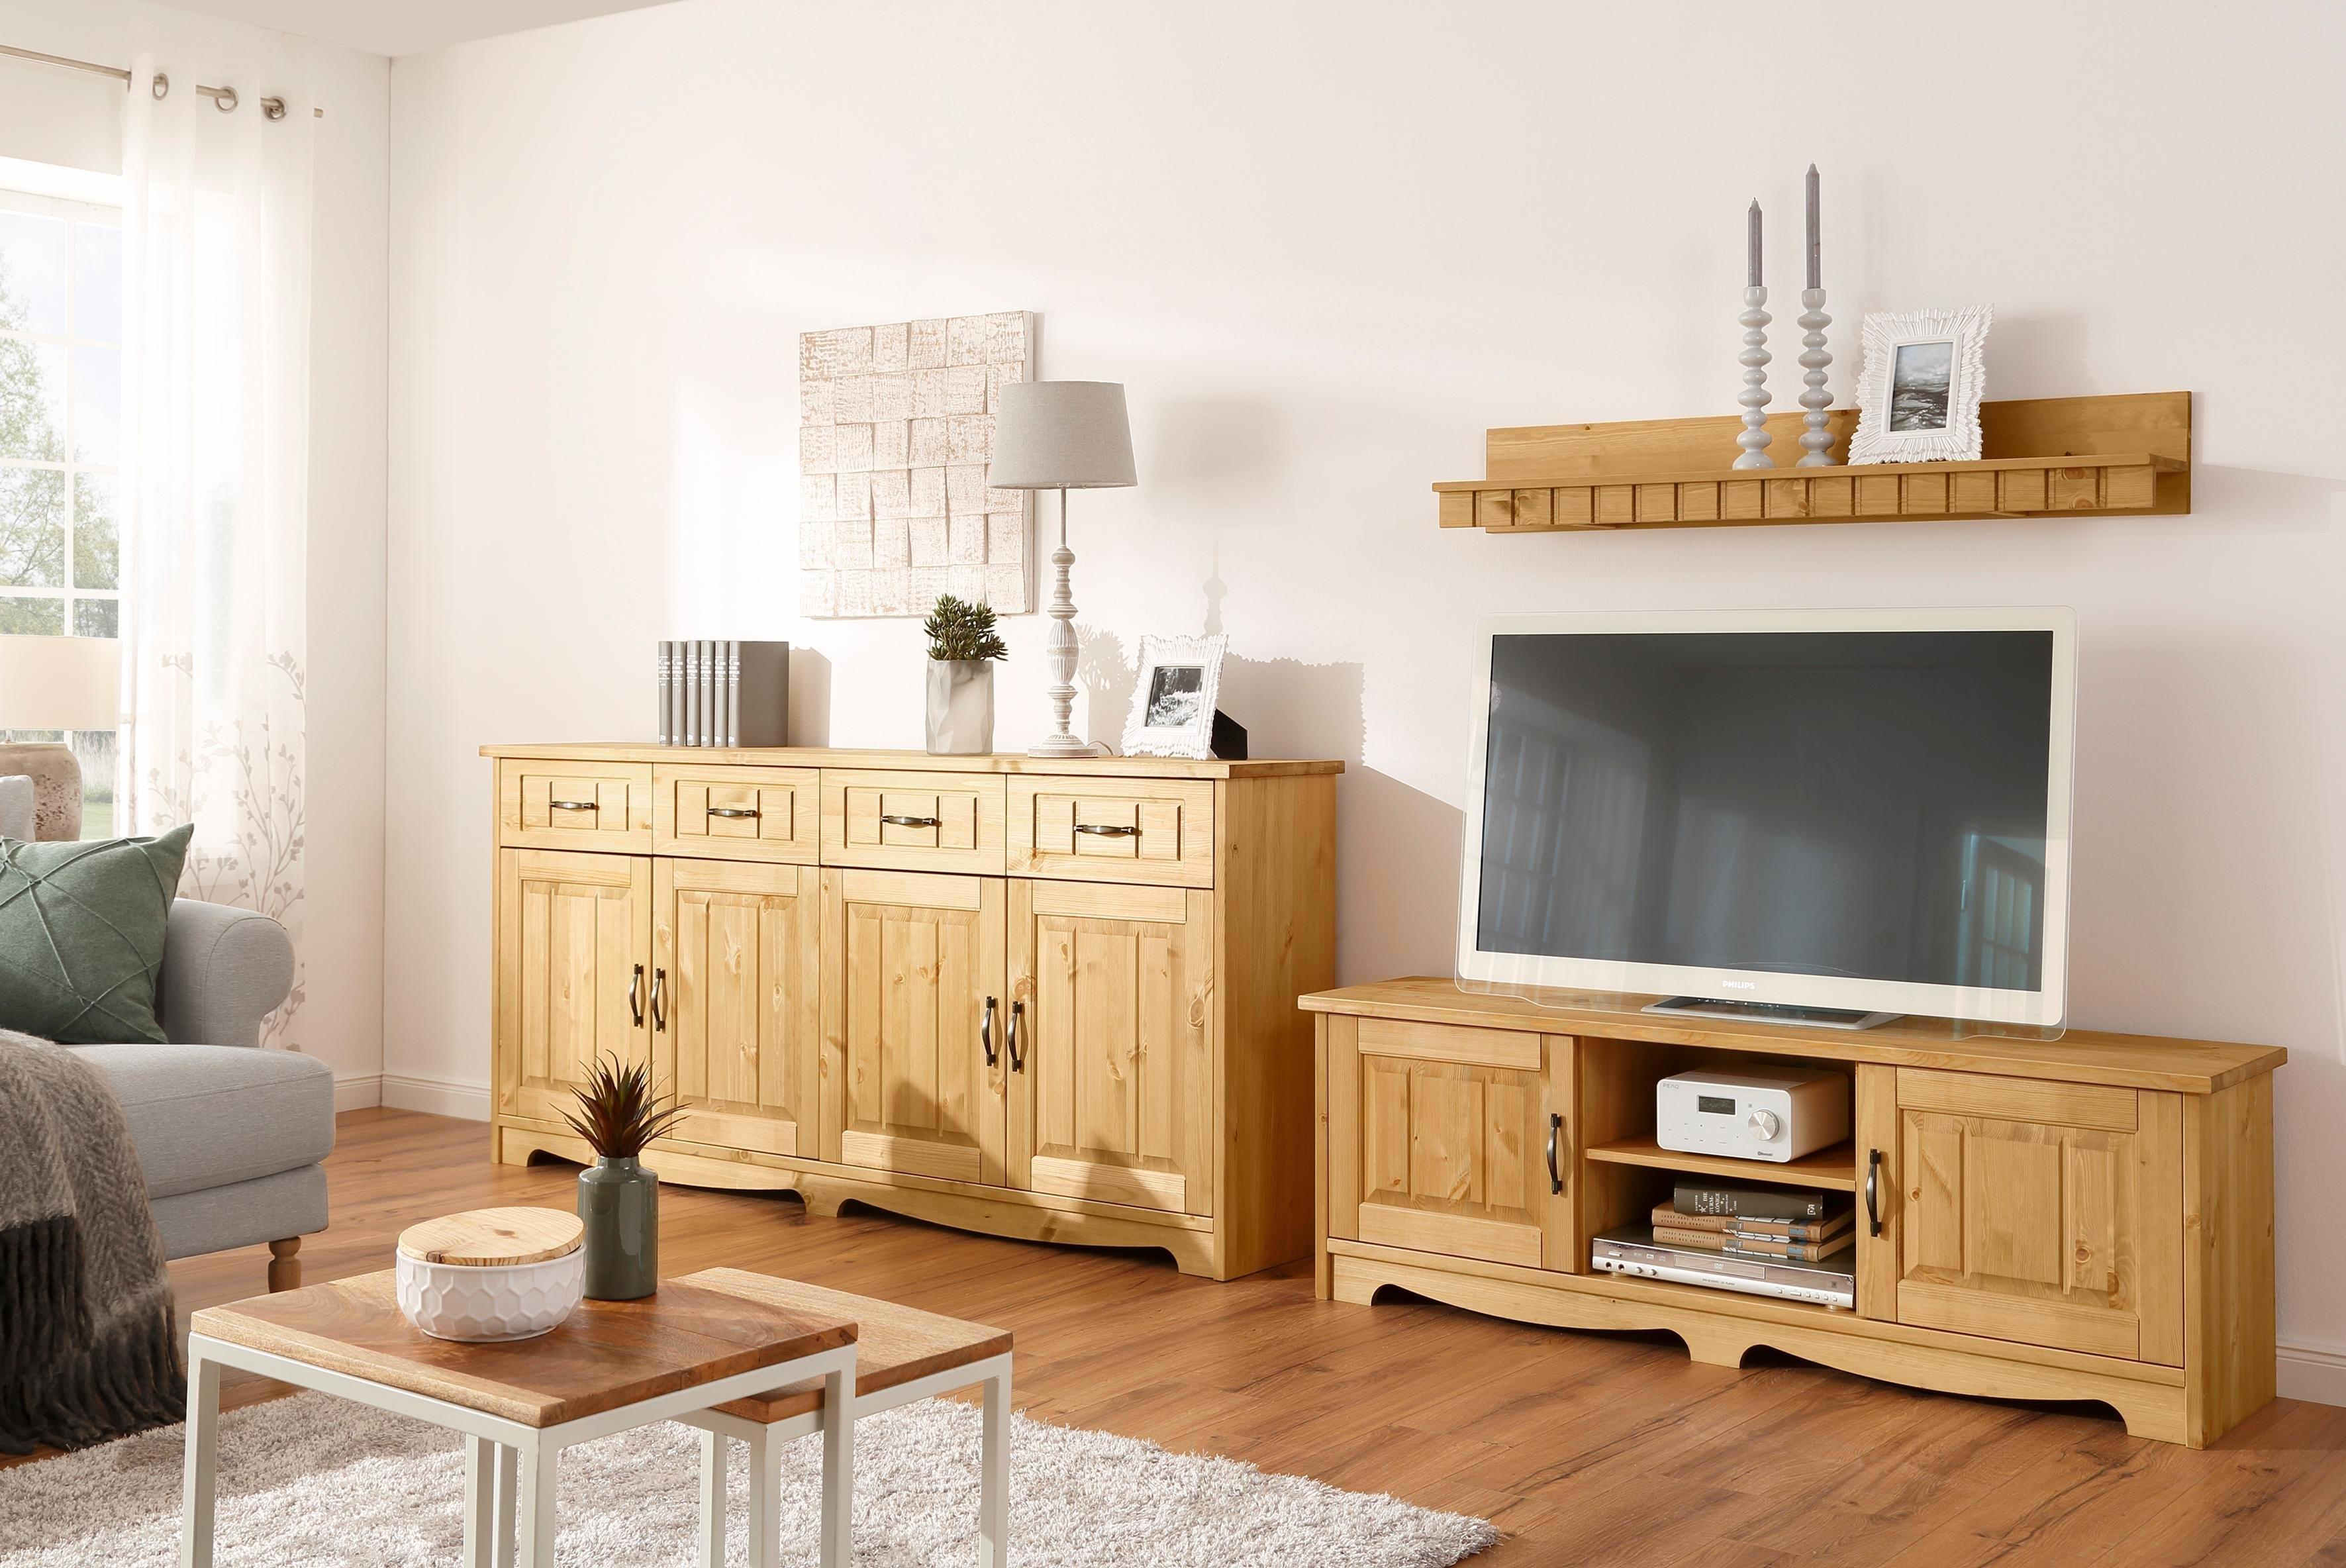 Home affaire wandmeubel Trinidad Set van 1 wandboard, 1 kast, 1 tv-meubel (set, 3 stuks) goedkoop op otto.nl kopen